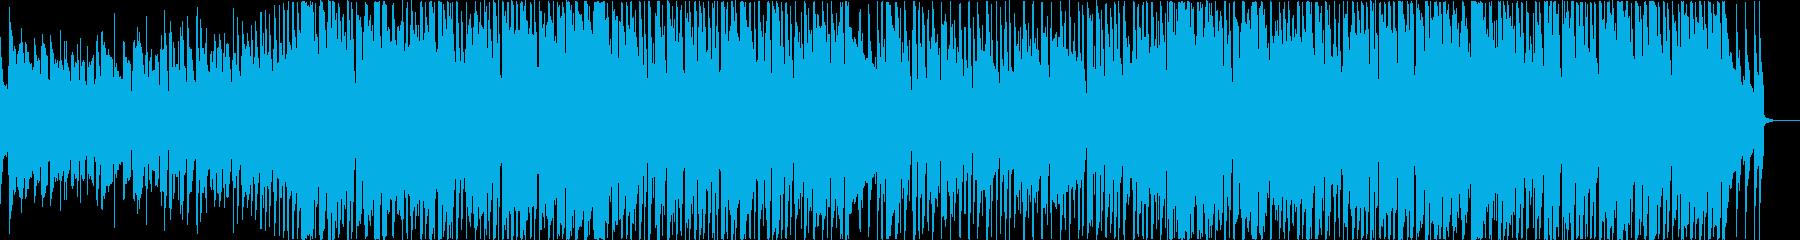 ベースやギターがグルーヴィーなハウスの再生済みの波形